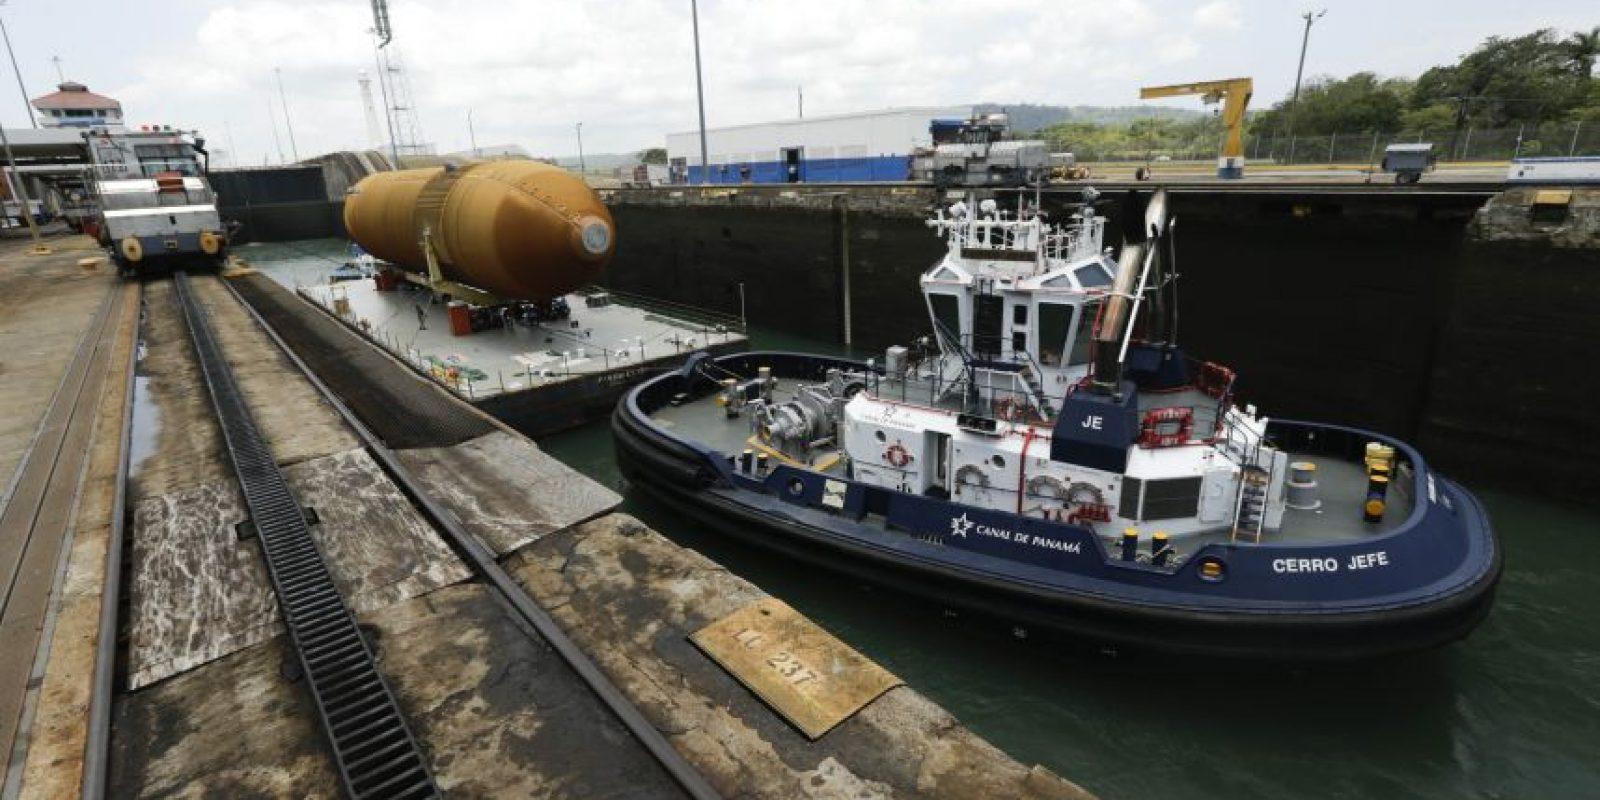 Una barcaza y su remolcador transportan un gigantesco tanque de combustible utilizado por un transbordador espacial de la NASA a través de las esclusas del Canal de Panamá. Foto:AP. Imagen Por: